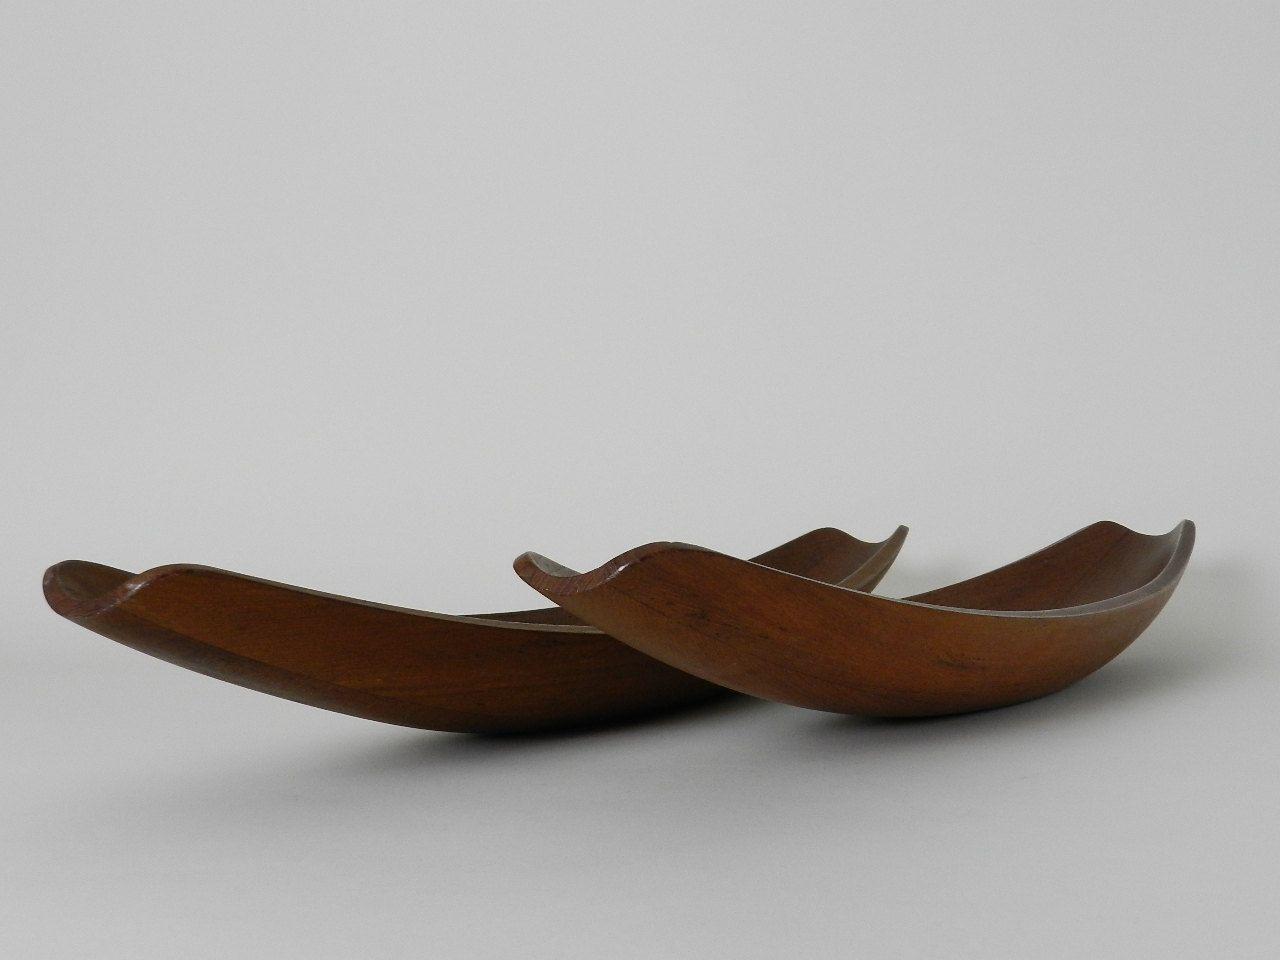 Jens Quistgaard Bowl Bowl Designs Decorative Bowls